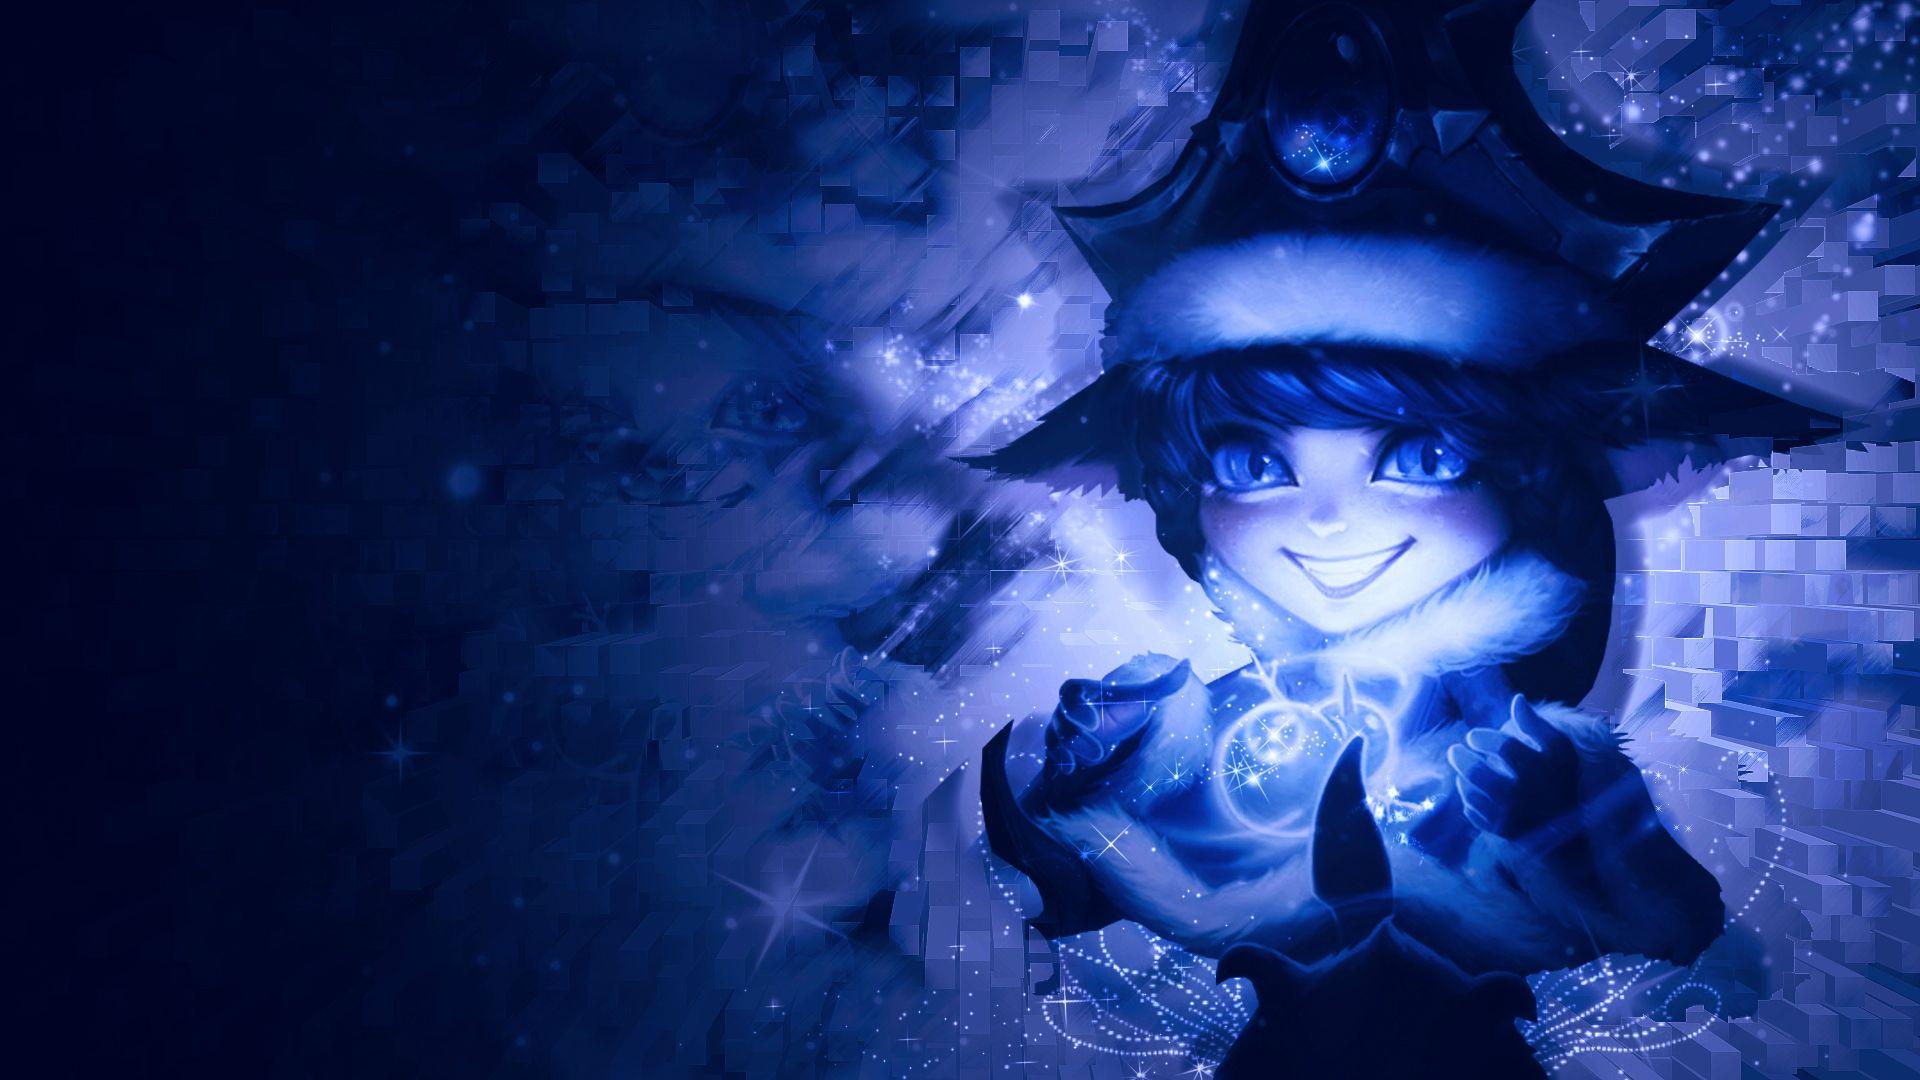 Winter Wonder Lulu wallpaper